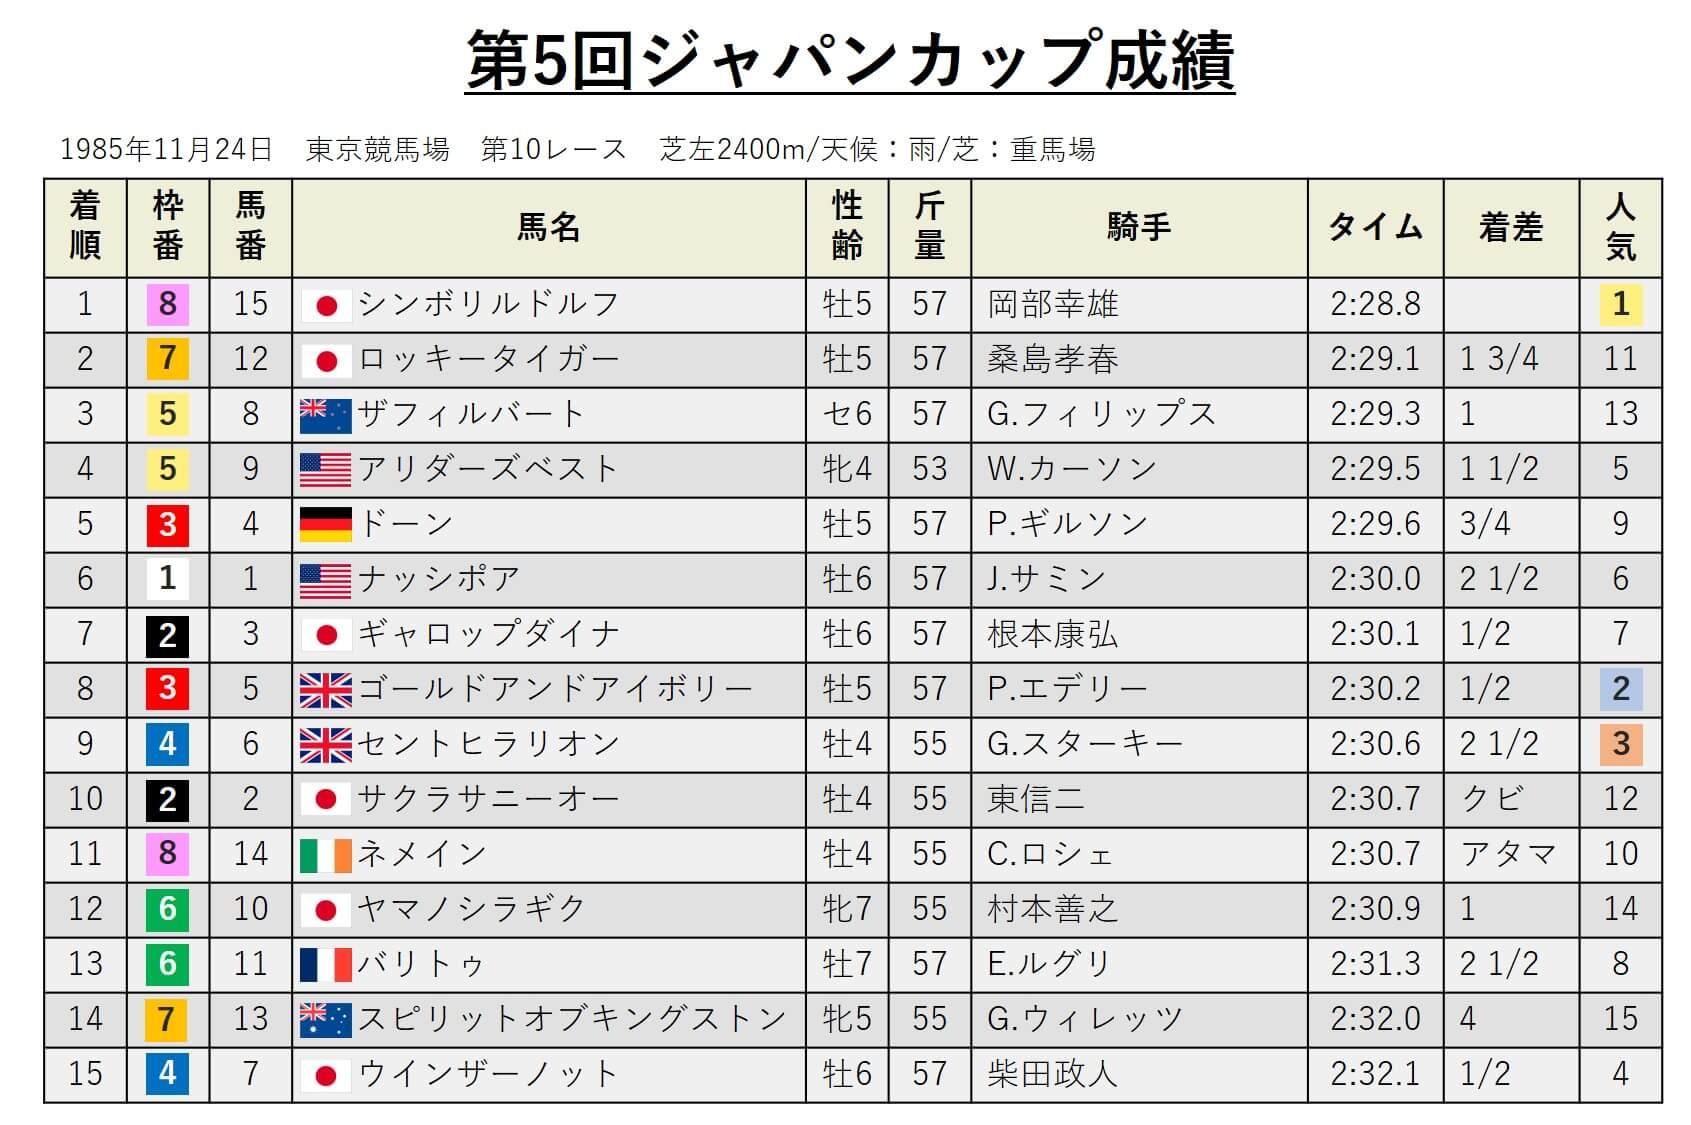 第5回ジャパンカップ・データ